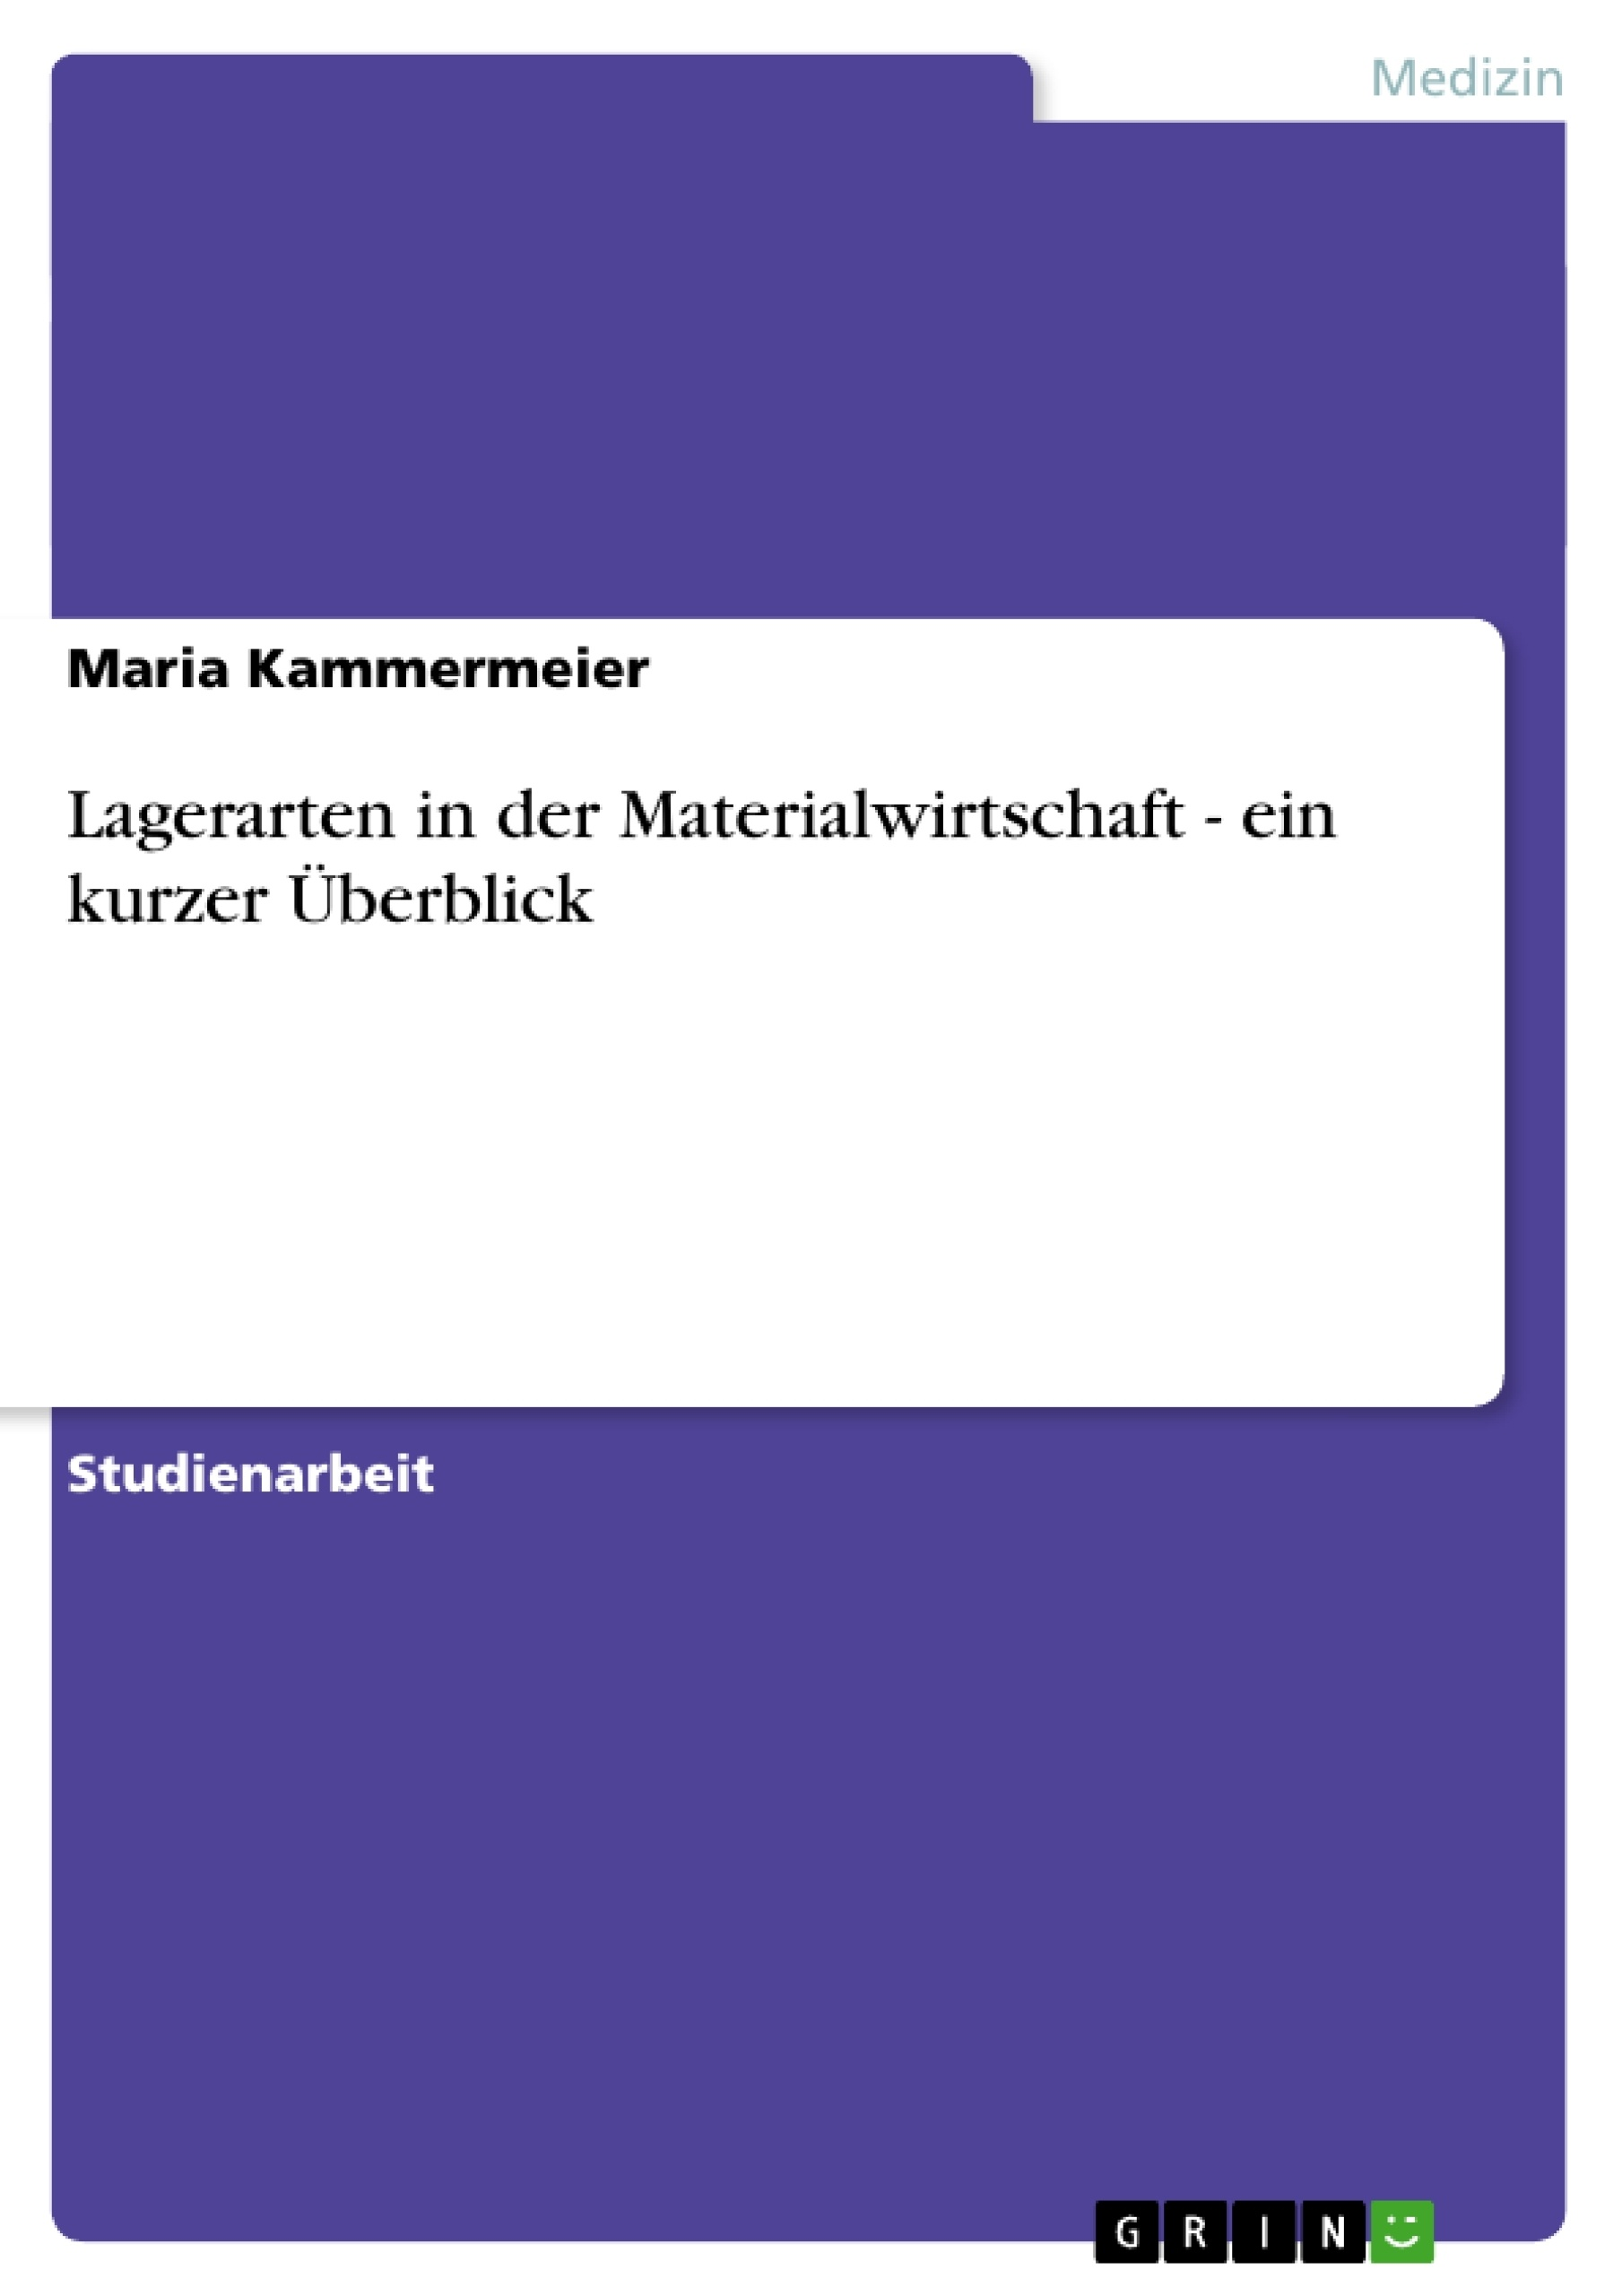 Titel: Lagerarten in der Materialwirtschaft - ein kurzer Überblick